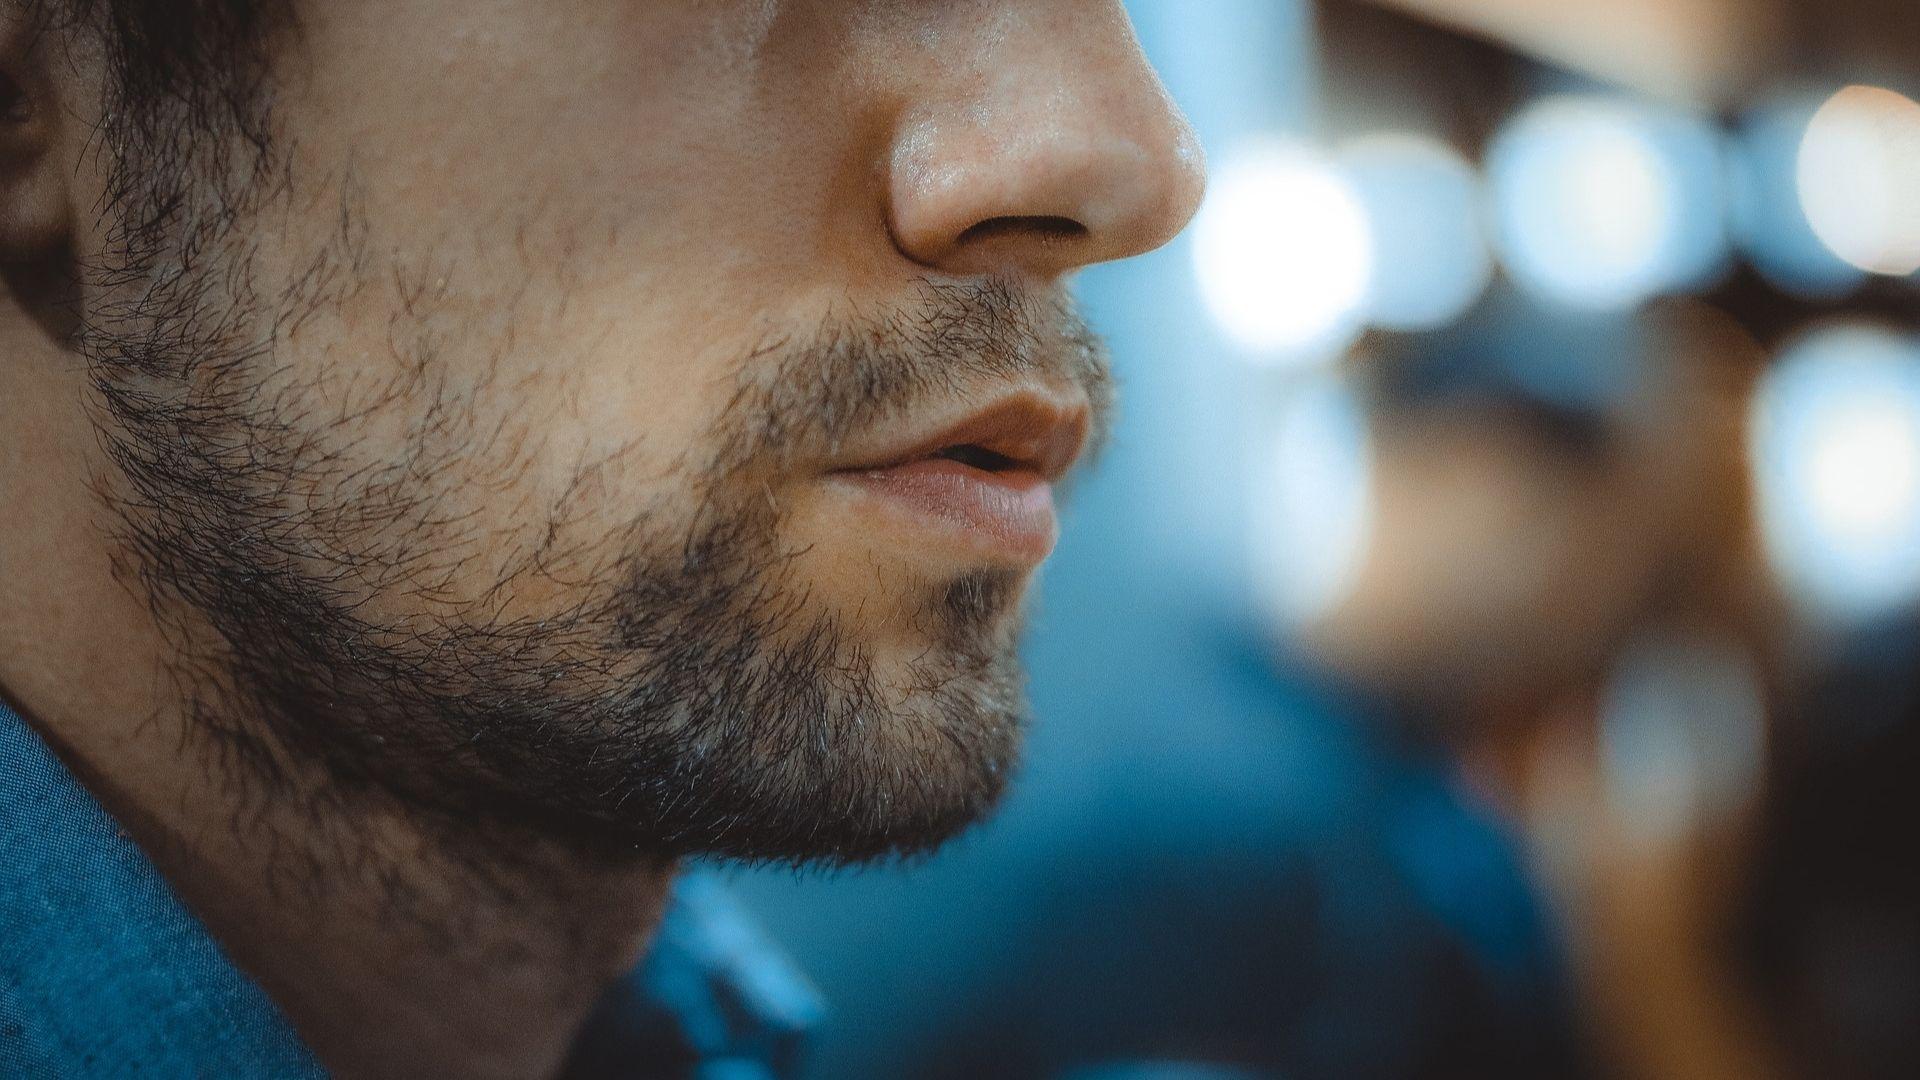 メンズ脱毛におすすめのクリニック・サロンを紹介!選び方も解説